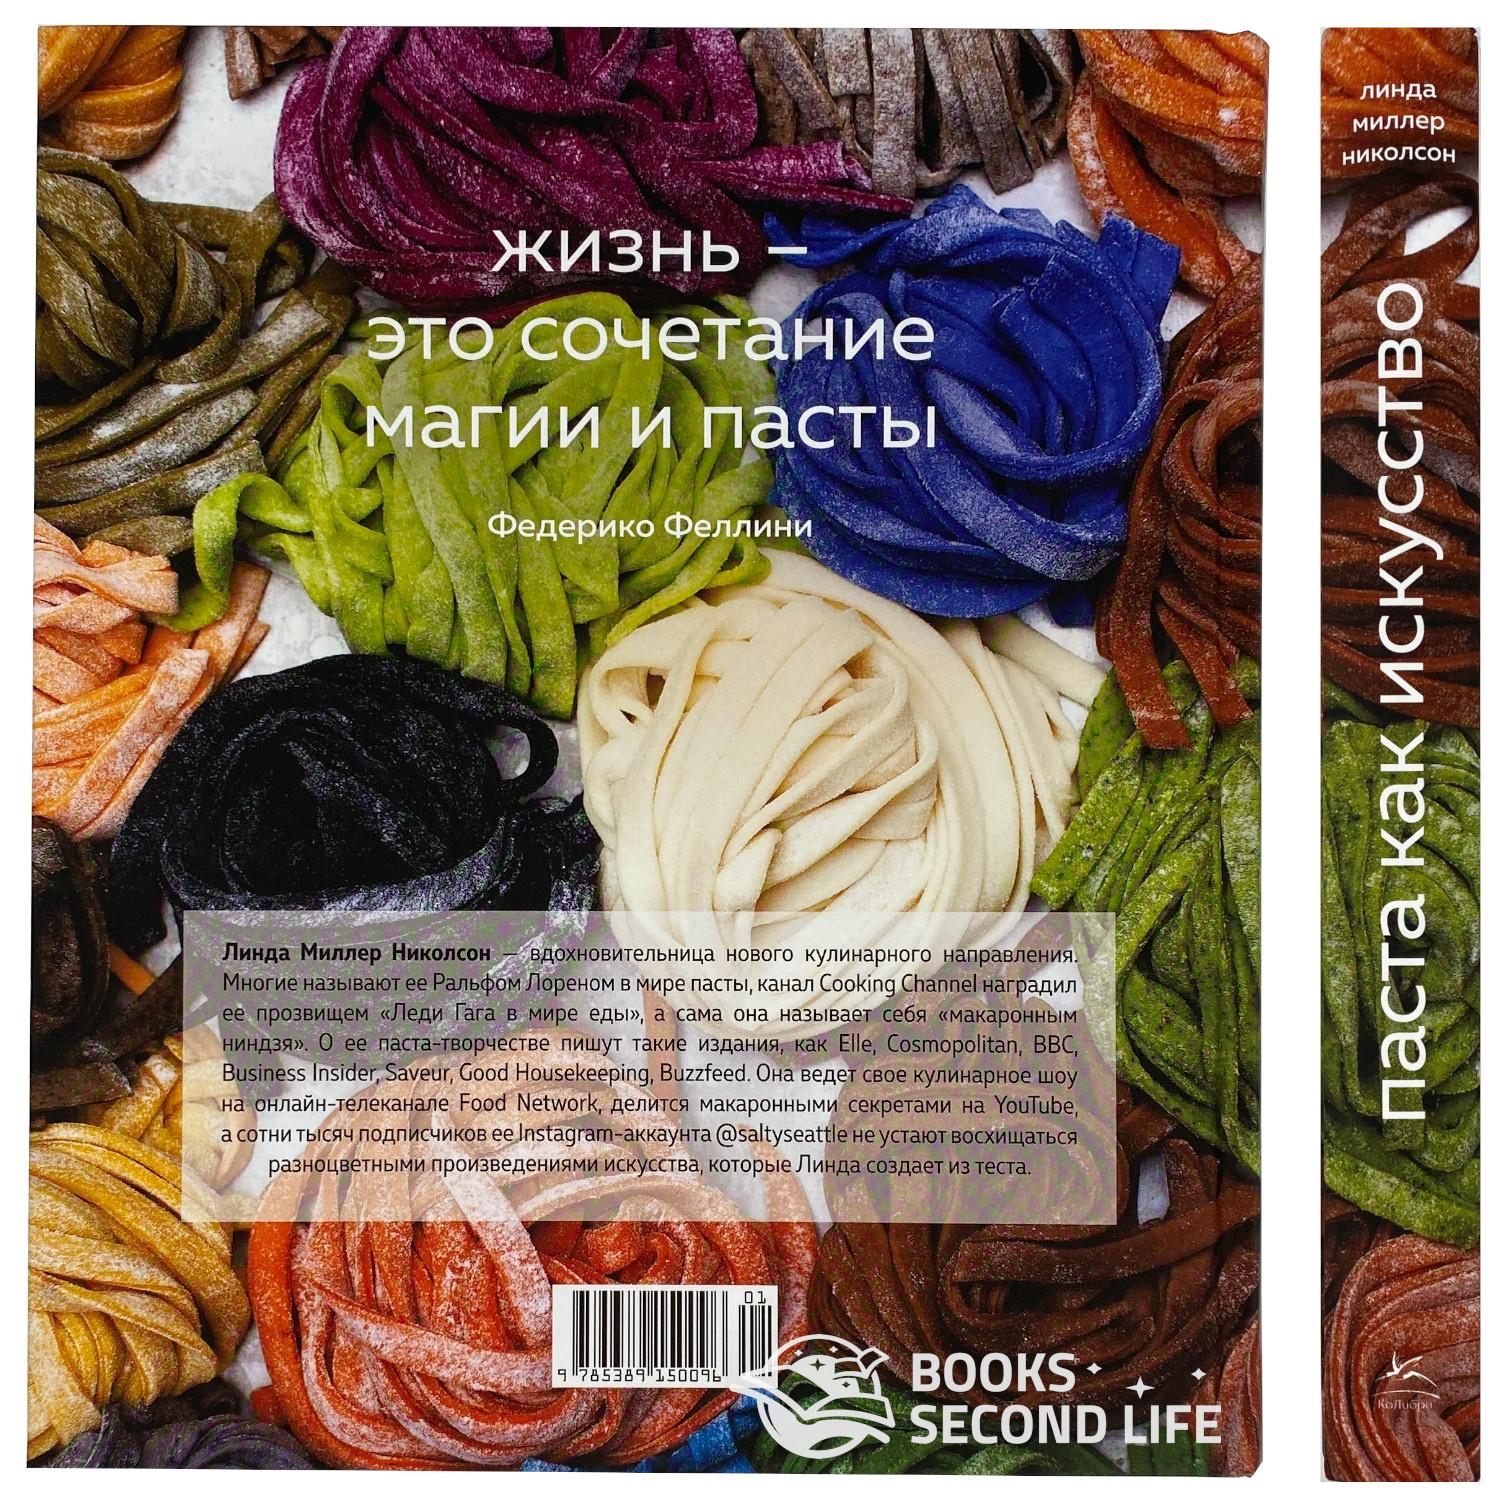 Паста как искусство. Рецепты радужной лапши для настоящих ценителей. Автор — Линда Миллер Николсон.